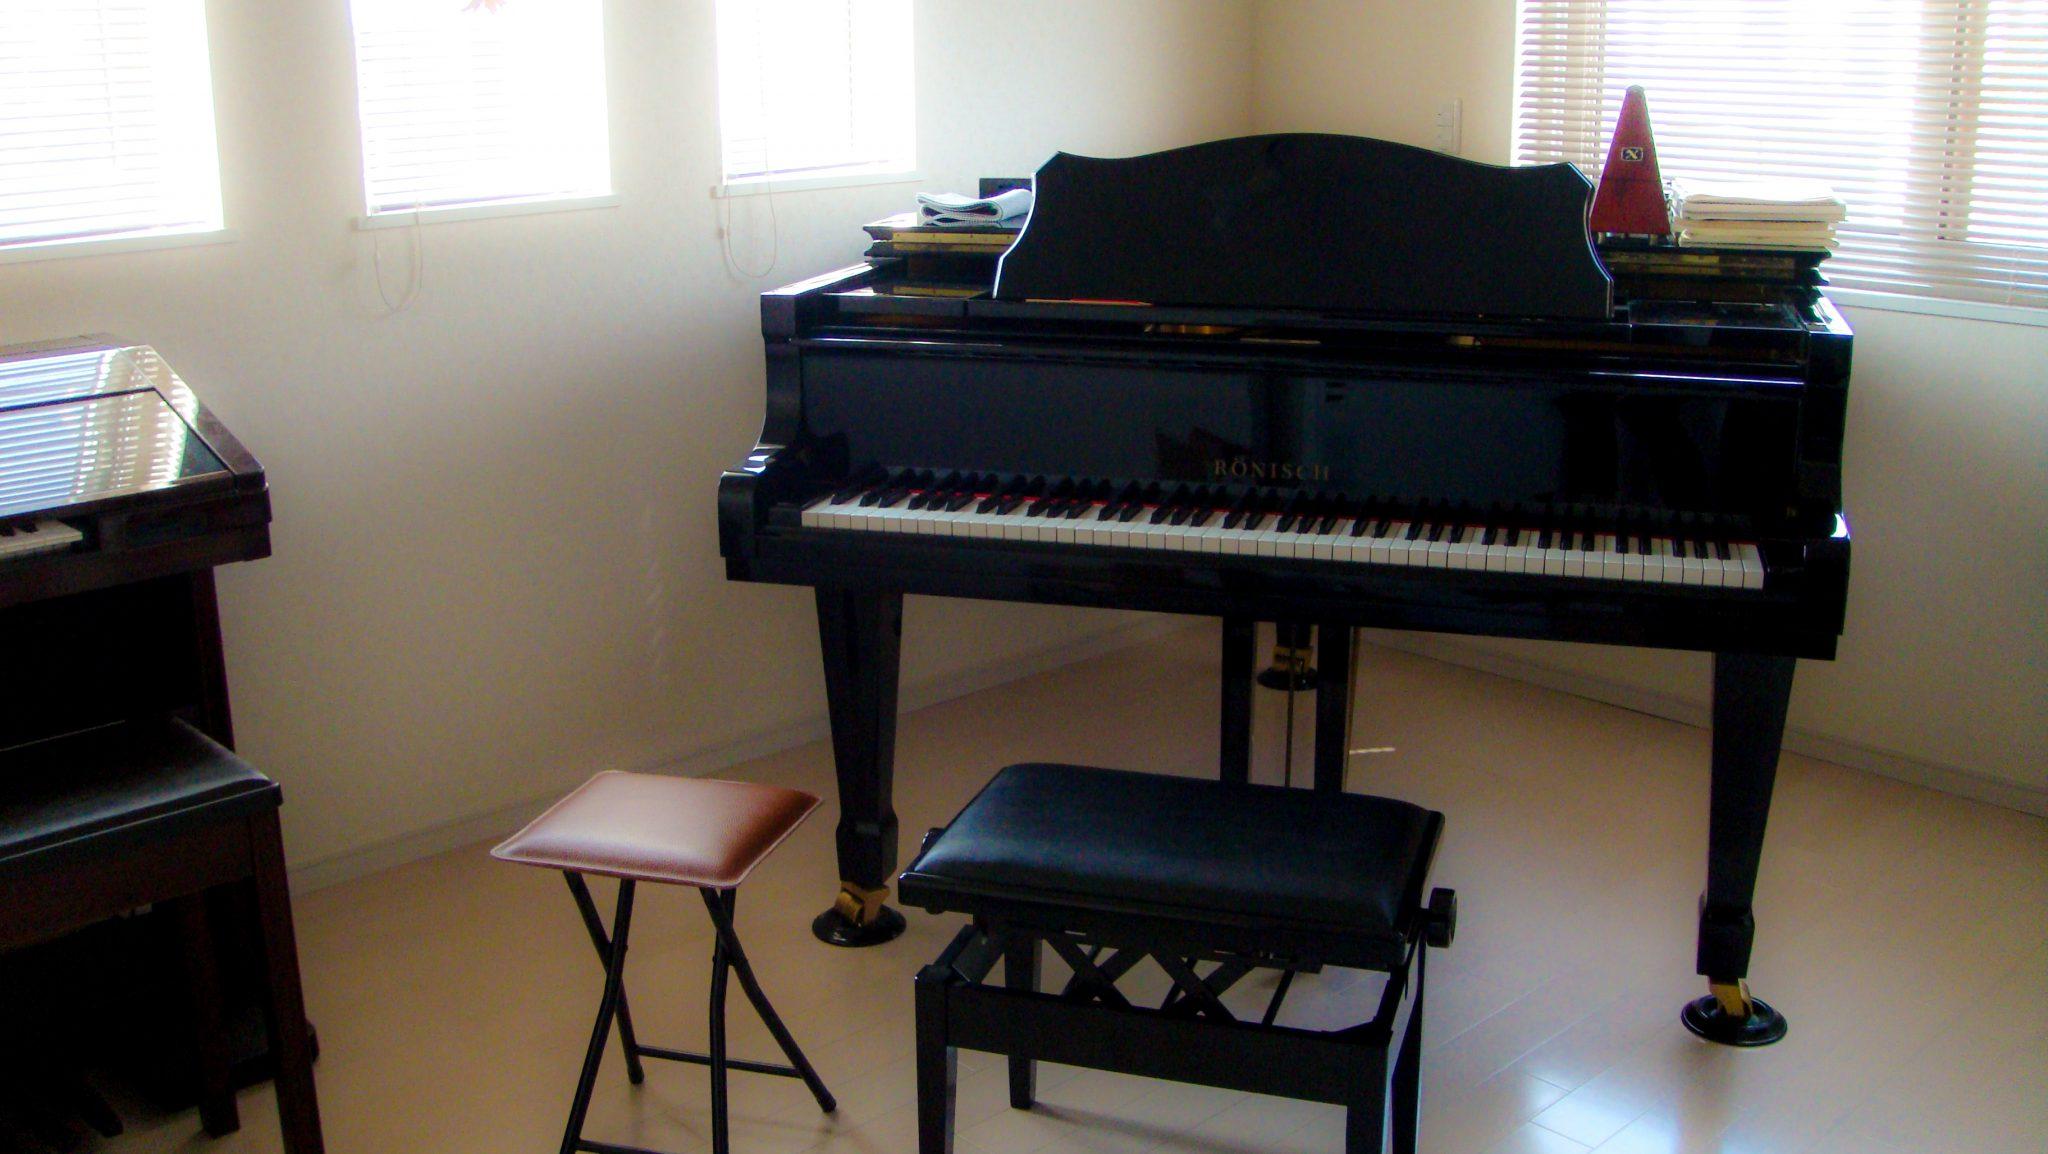 秋田市のピアノ教室 ヴィヴァーチェピアノ教室